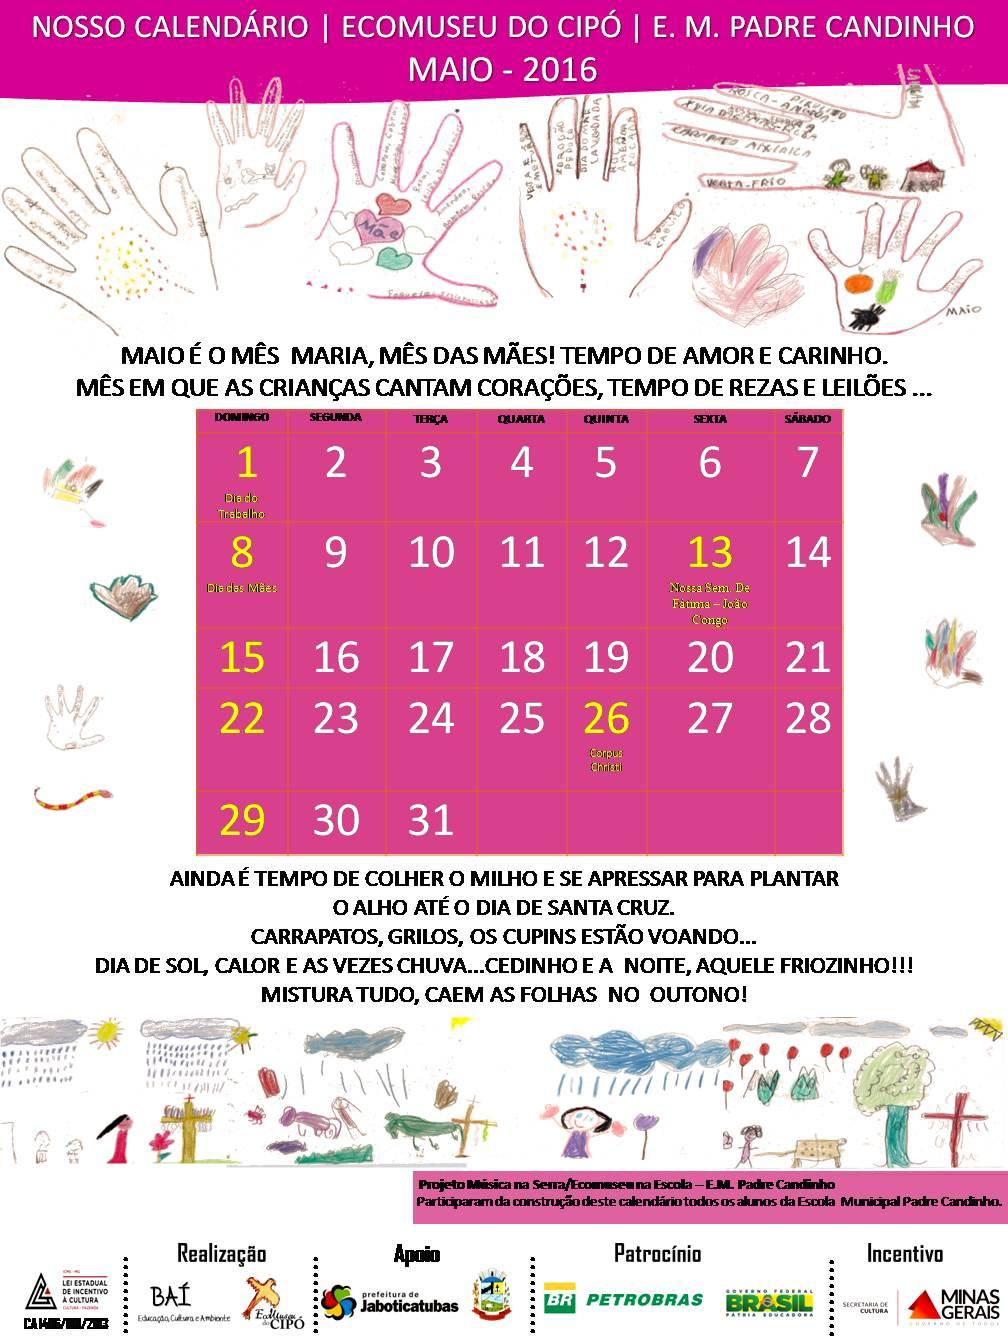 Maio no Cipó